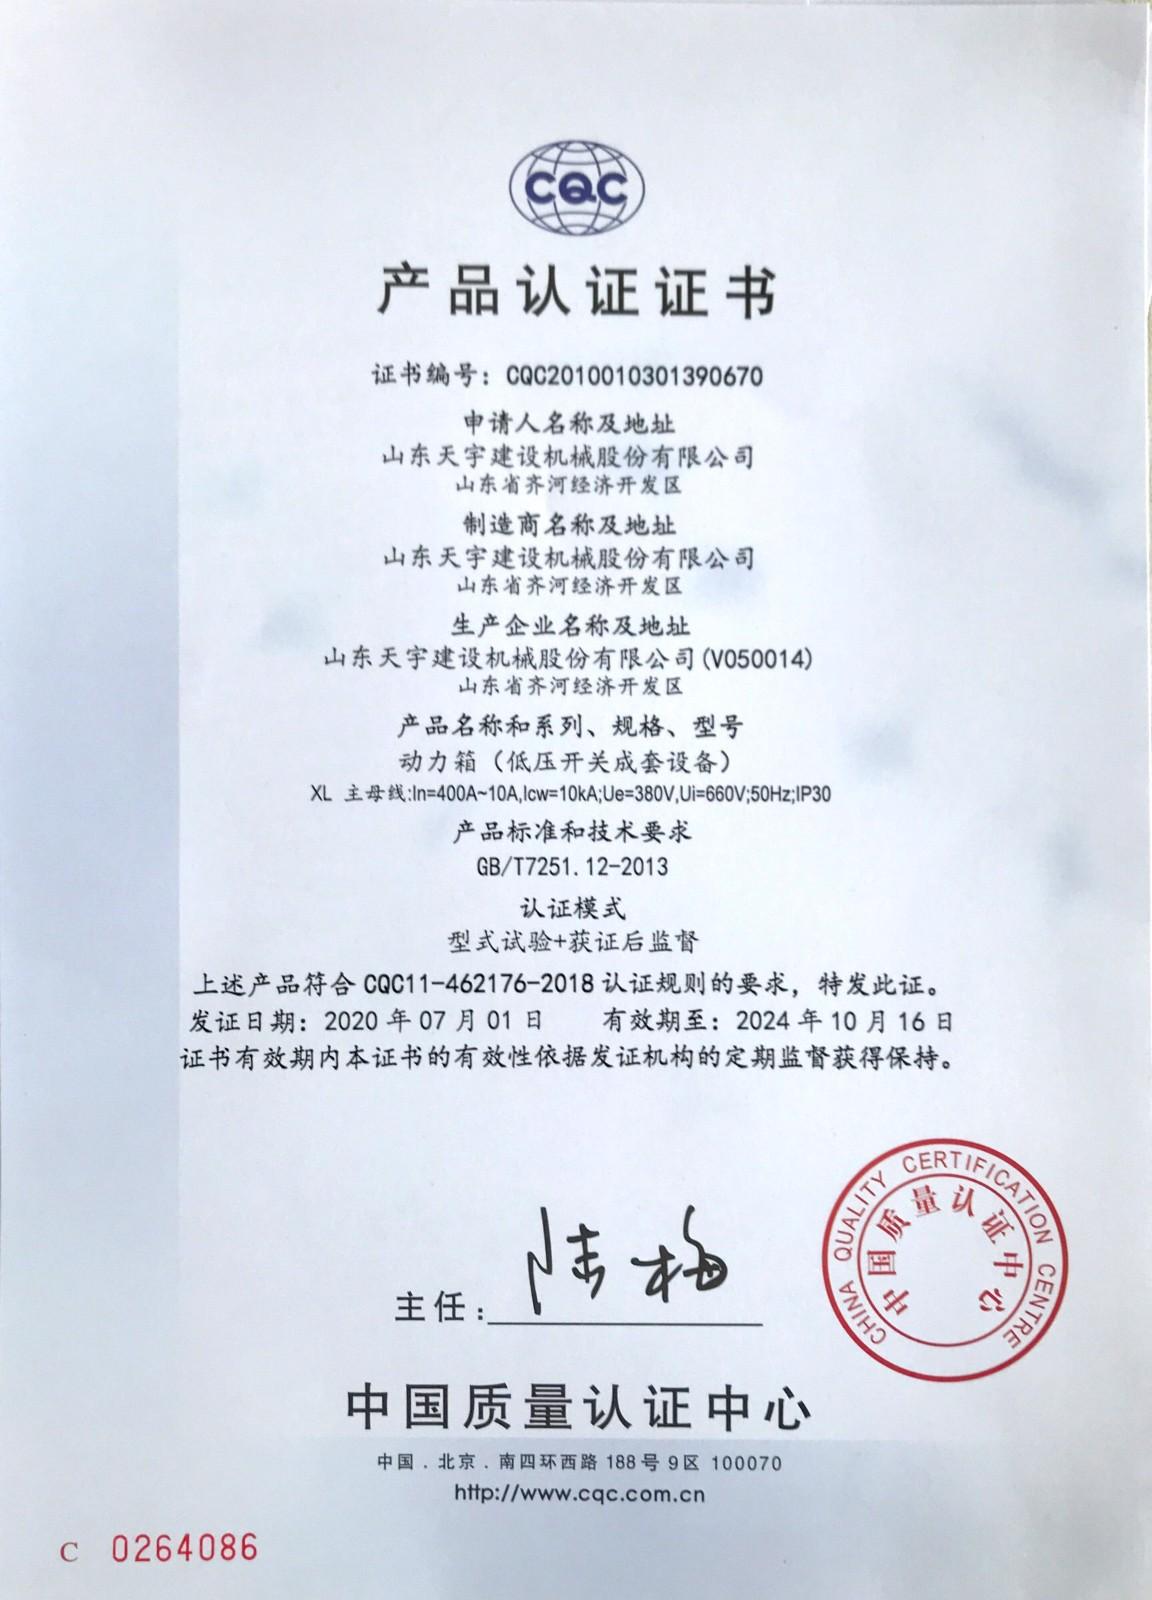 产品认证证书-CQC认证动力箱